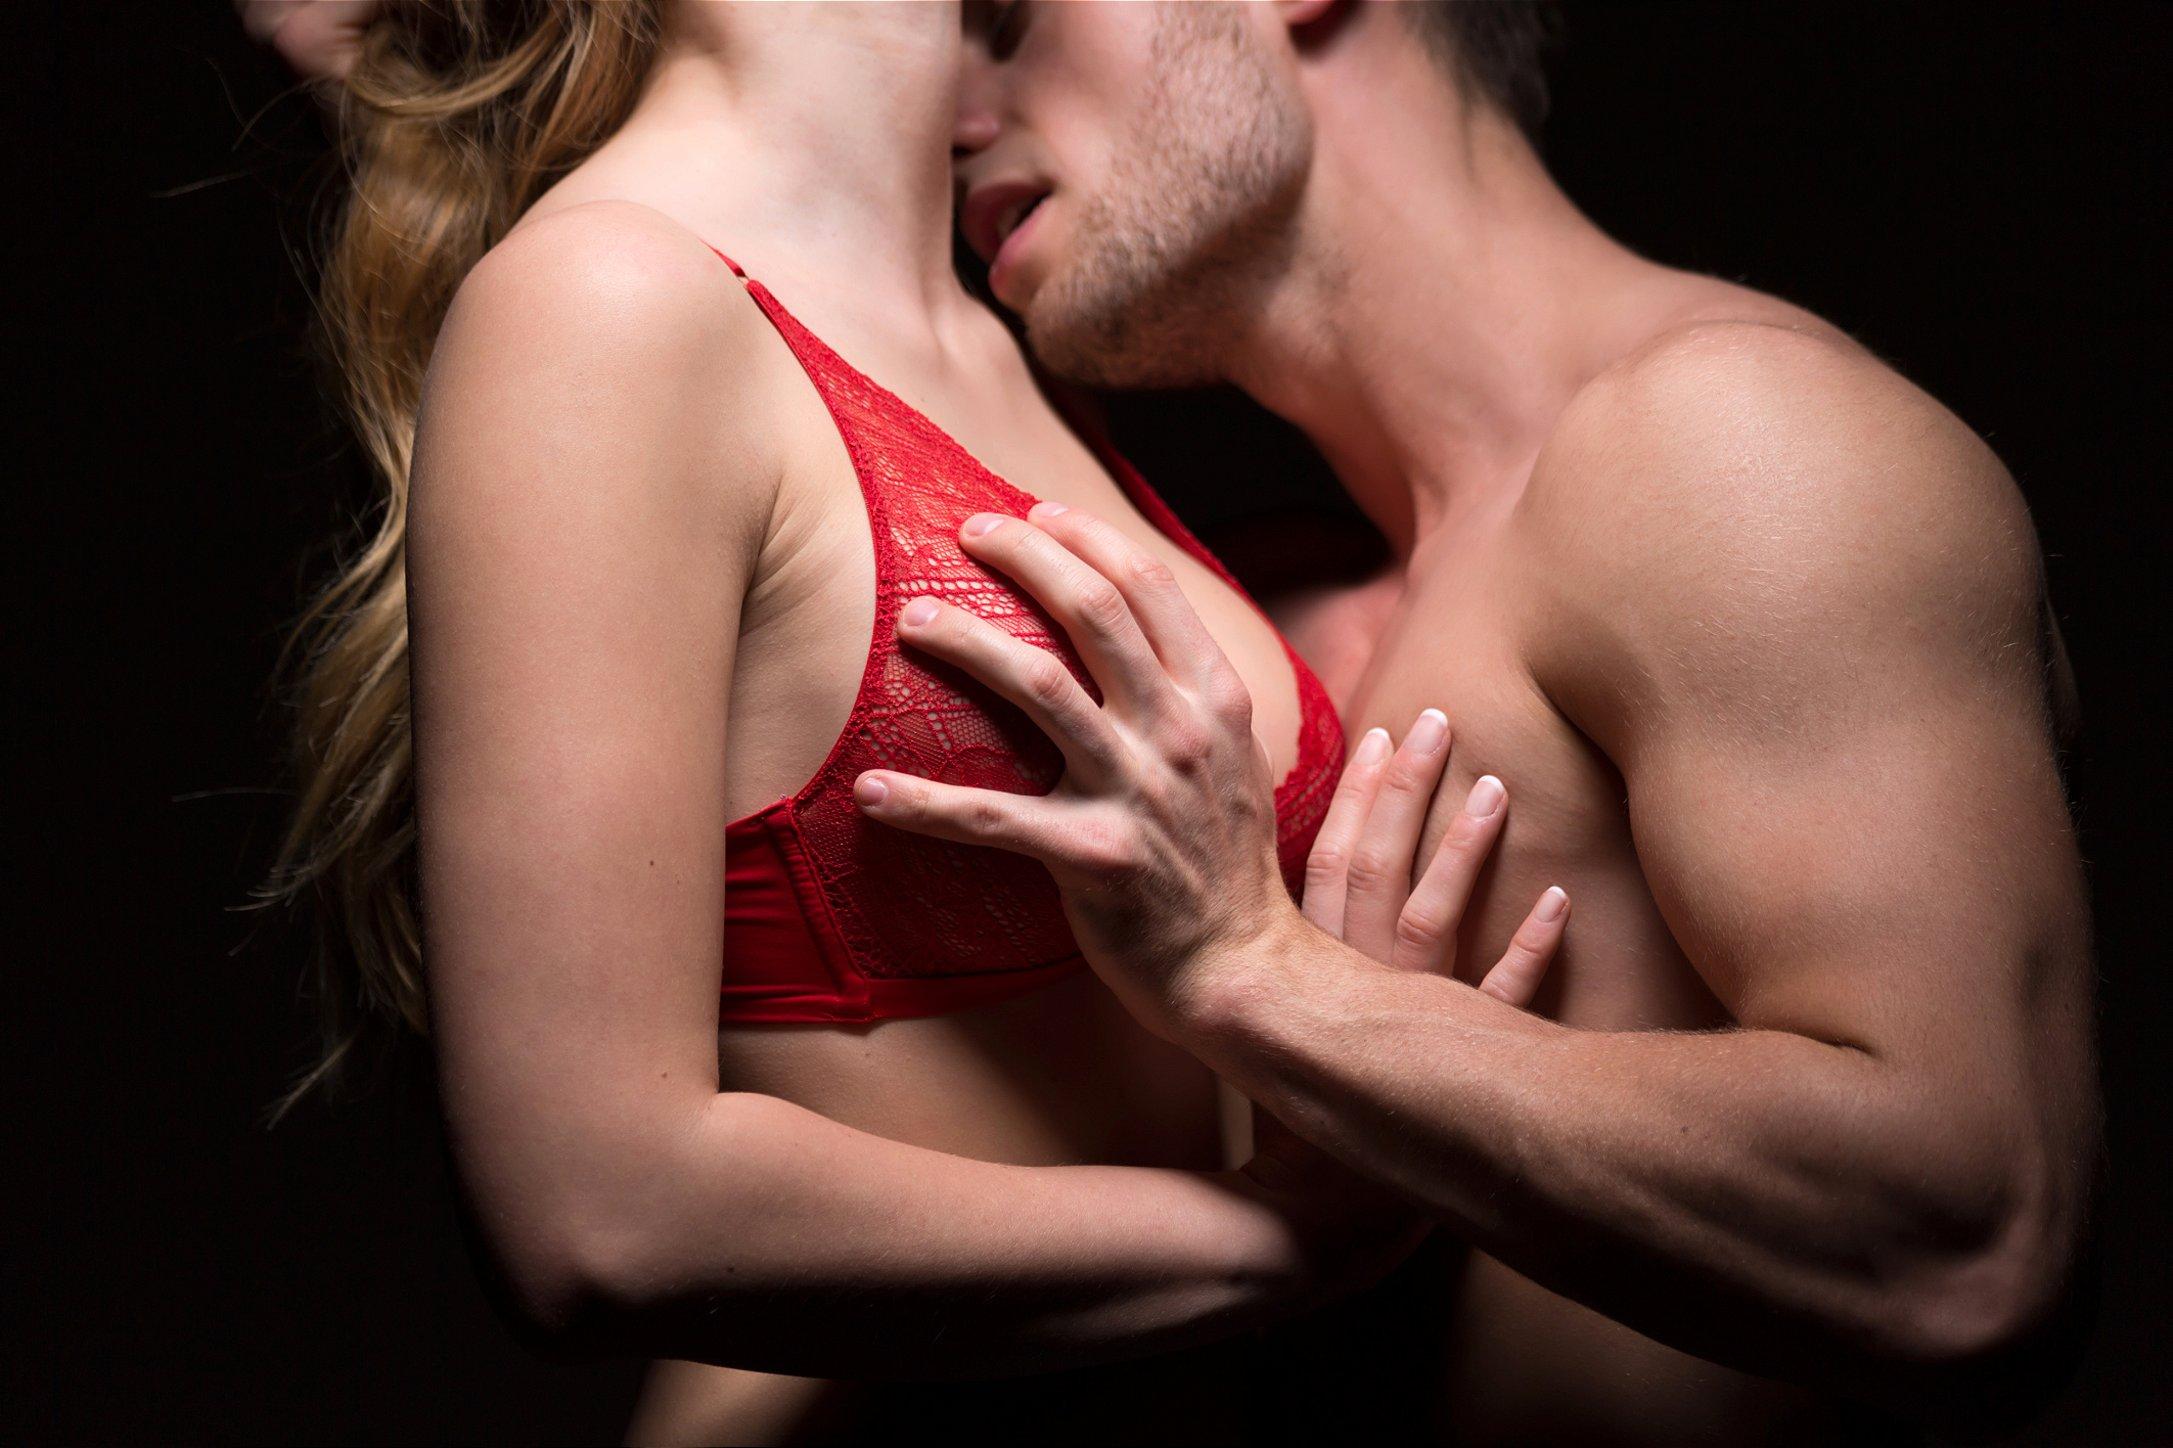 pegando em peito de mulher